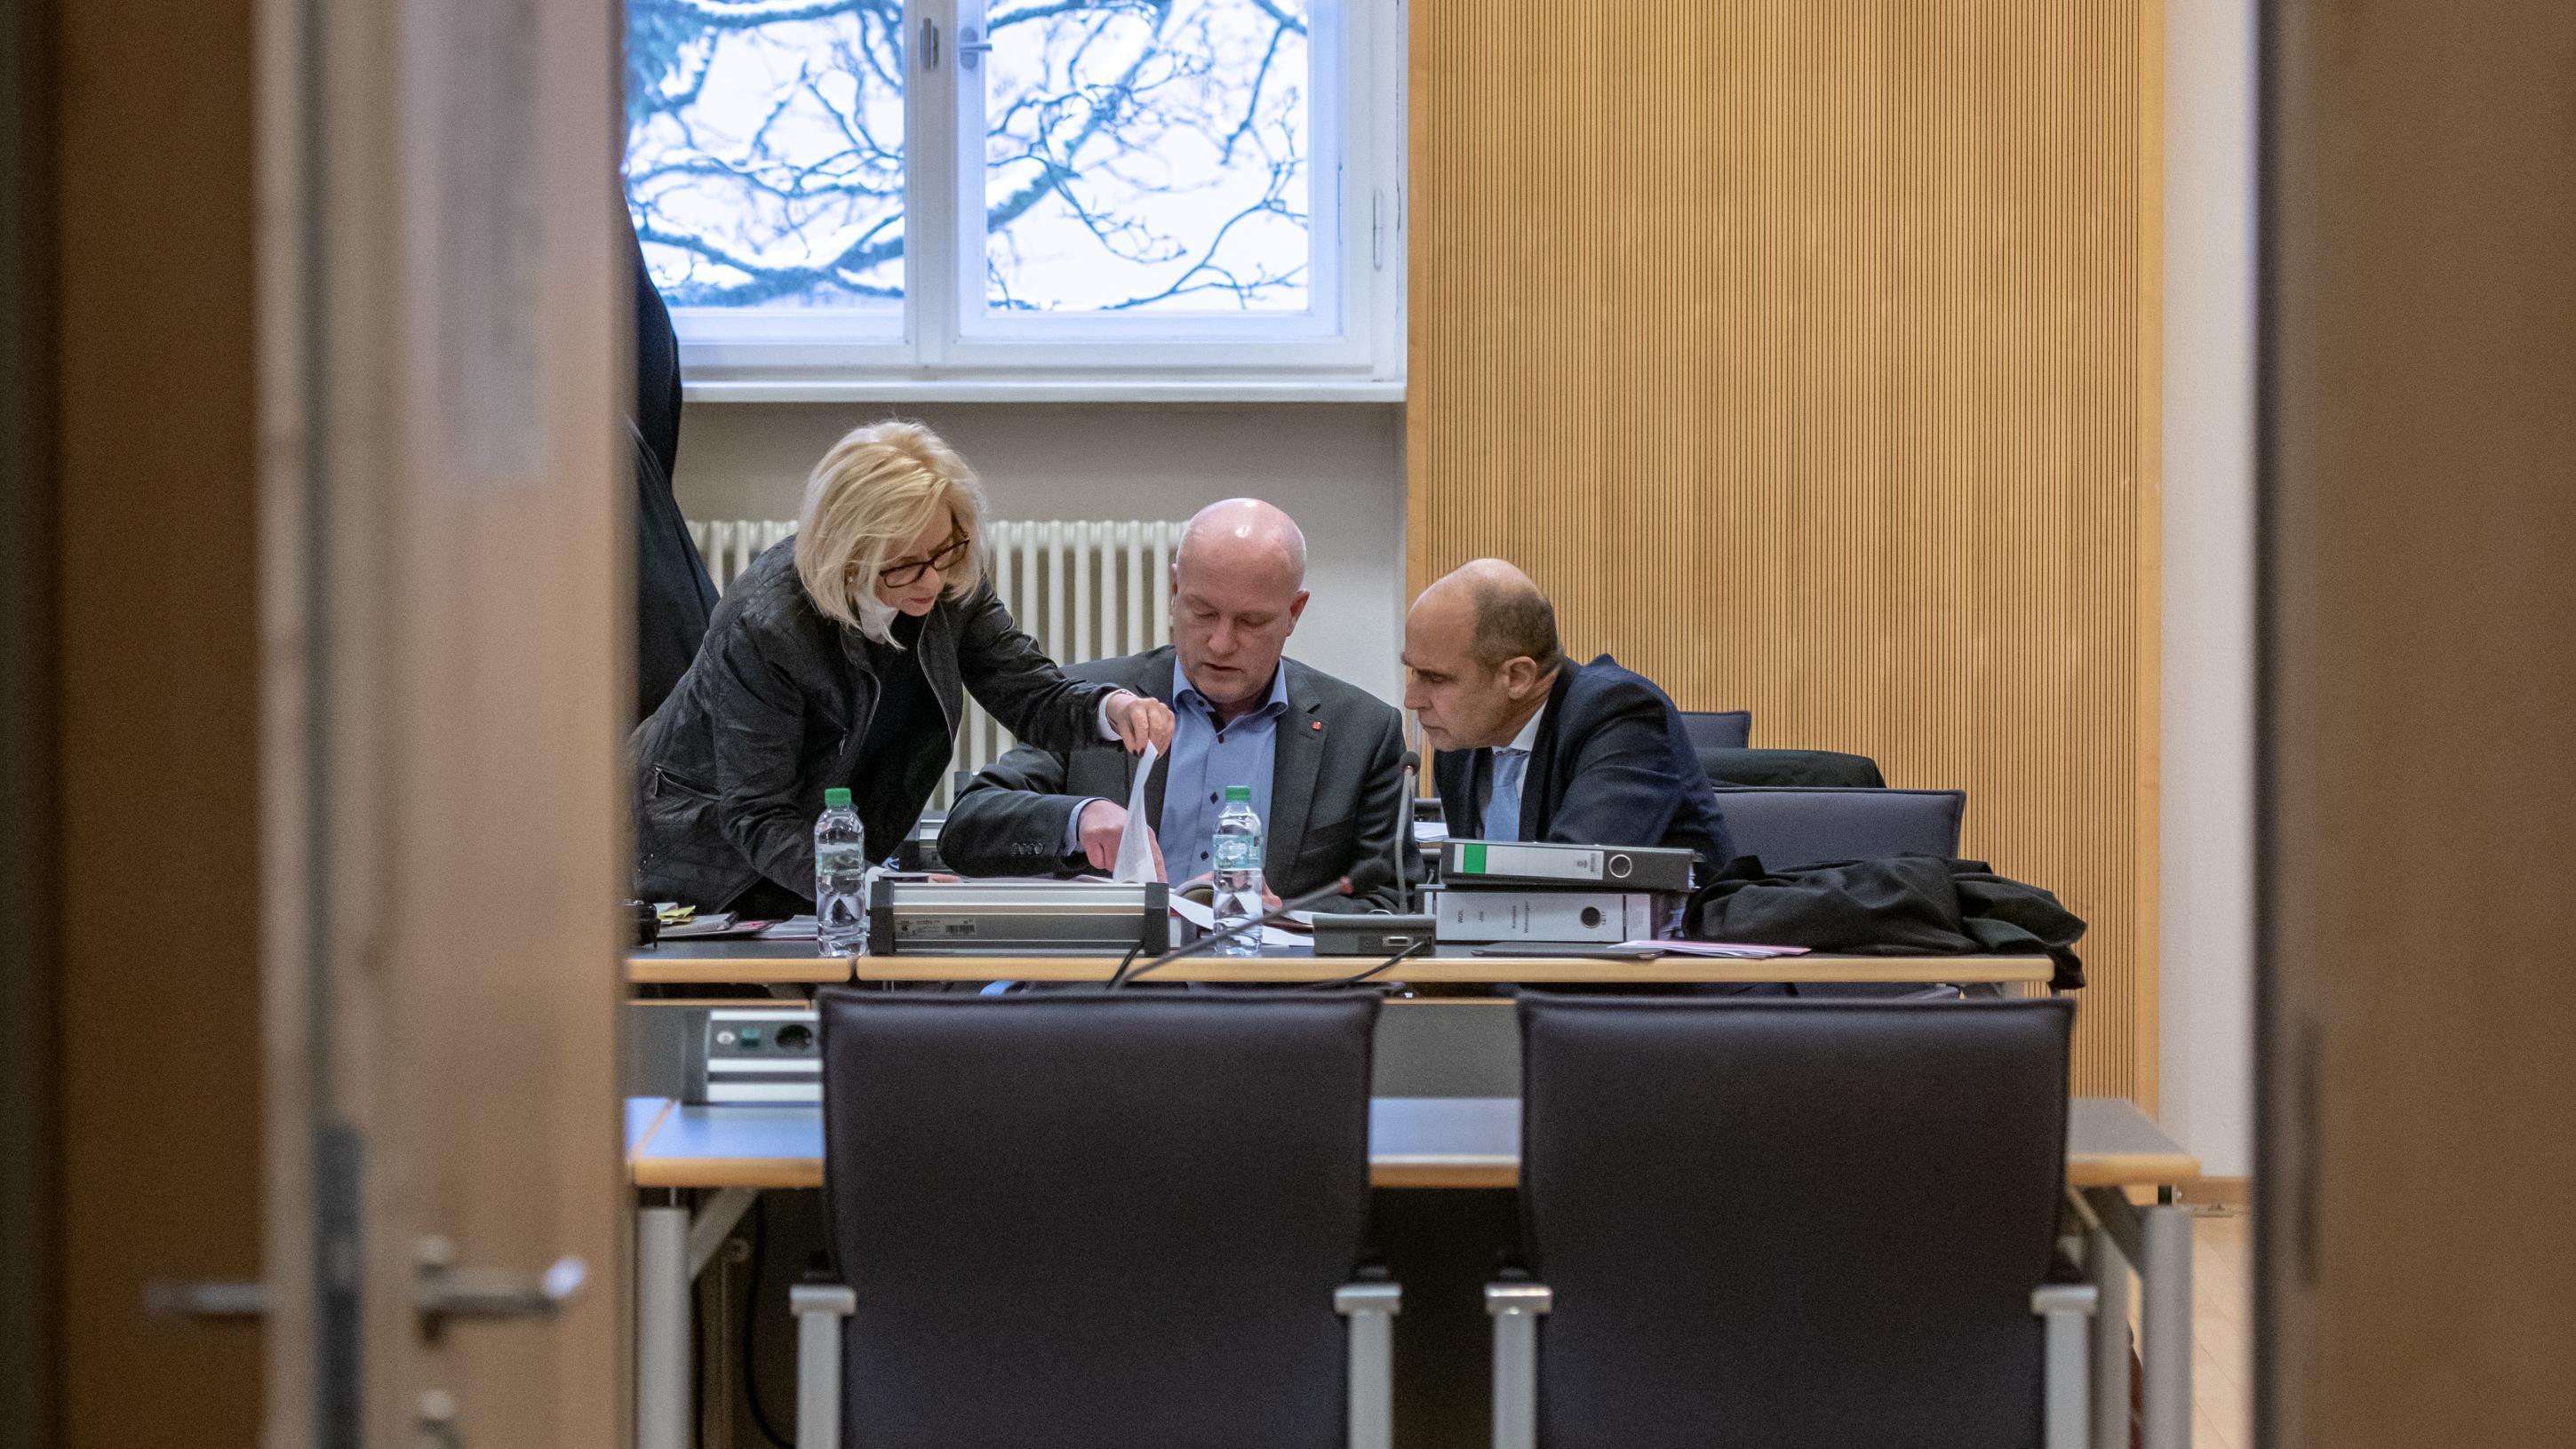 Wolbergs mit seinen Verteidigern im Gerichtssaal